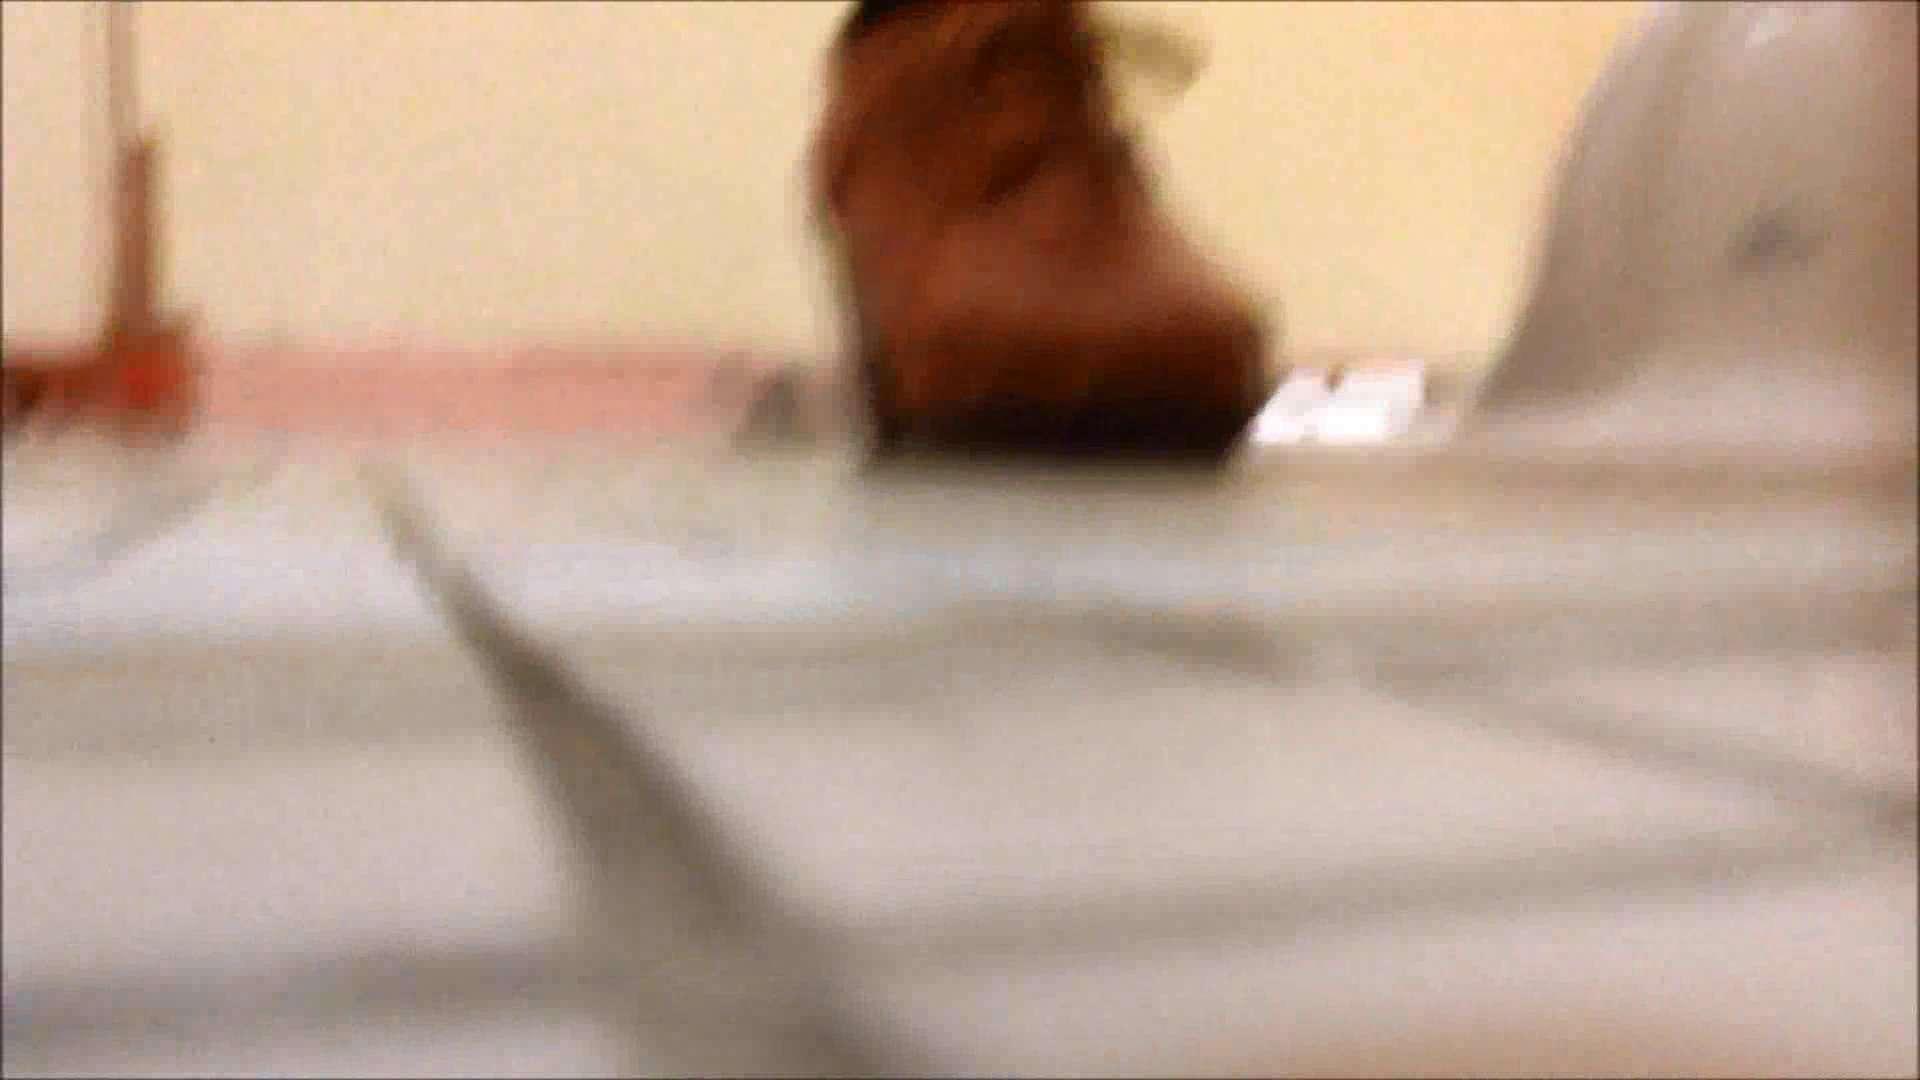 某有名大学女性洗面所 vol.15 潜入 AV無料動画キャプチャ 51画像 5